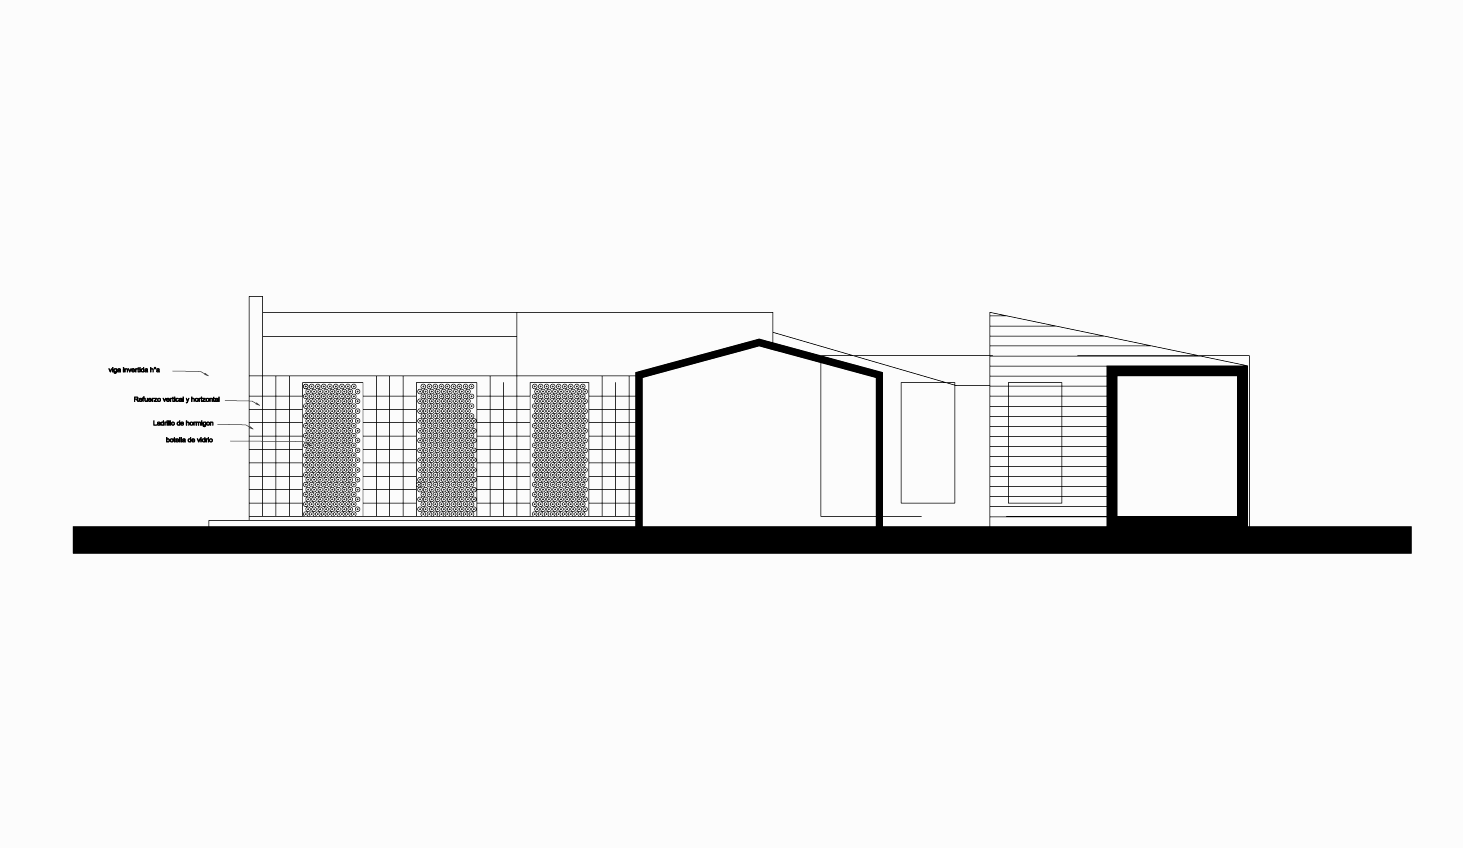 Galer a de proyecto hogar dulce hogar construye y repara viviendas en base al reciclaje de - Construye hogar ...